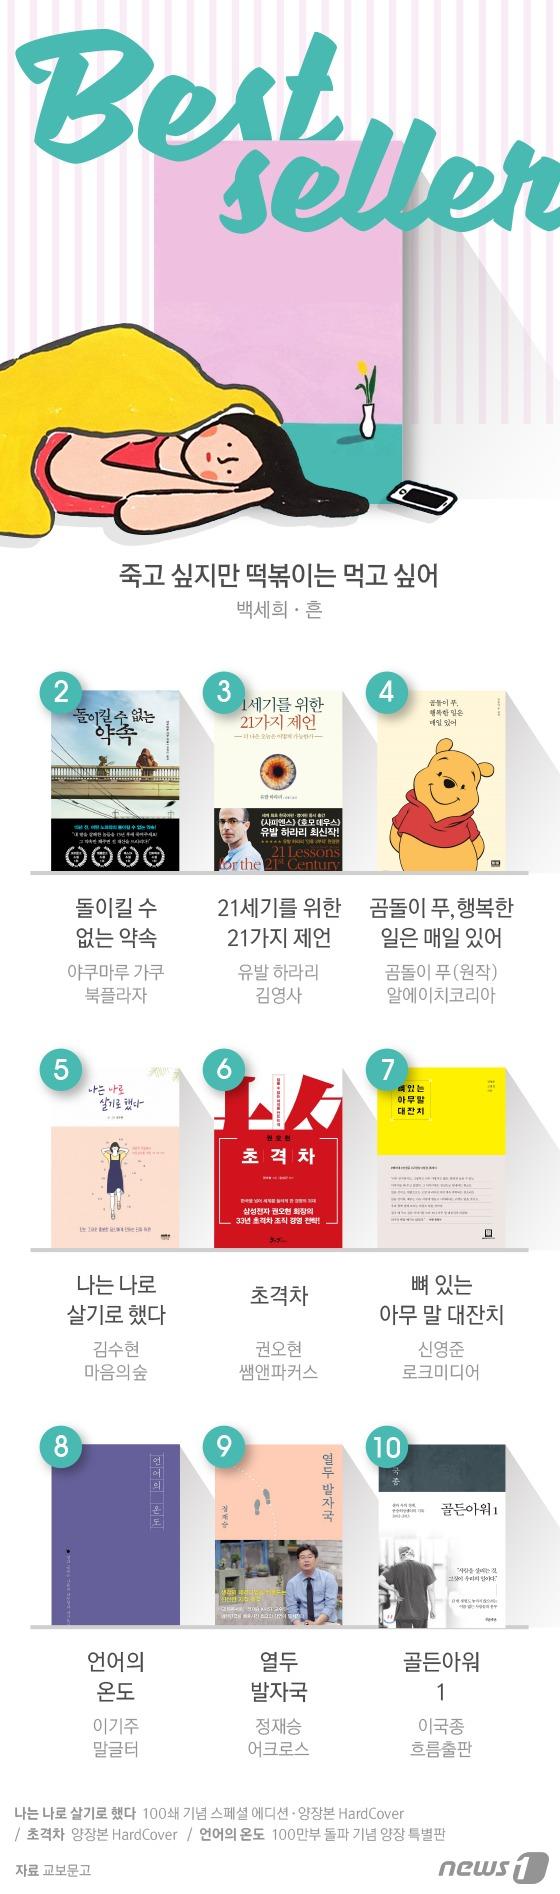 [그래픽뉴스] 2018년 10월 1주 베스트셀러